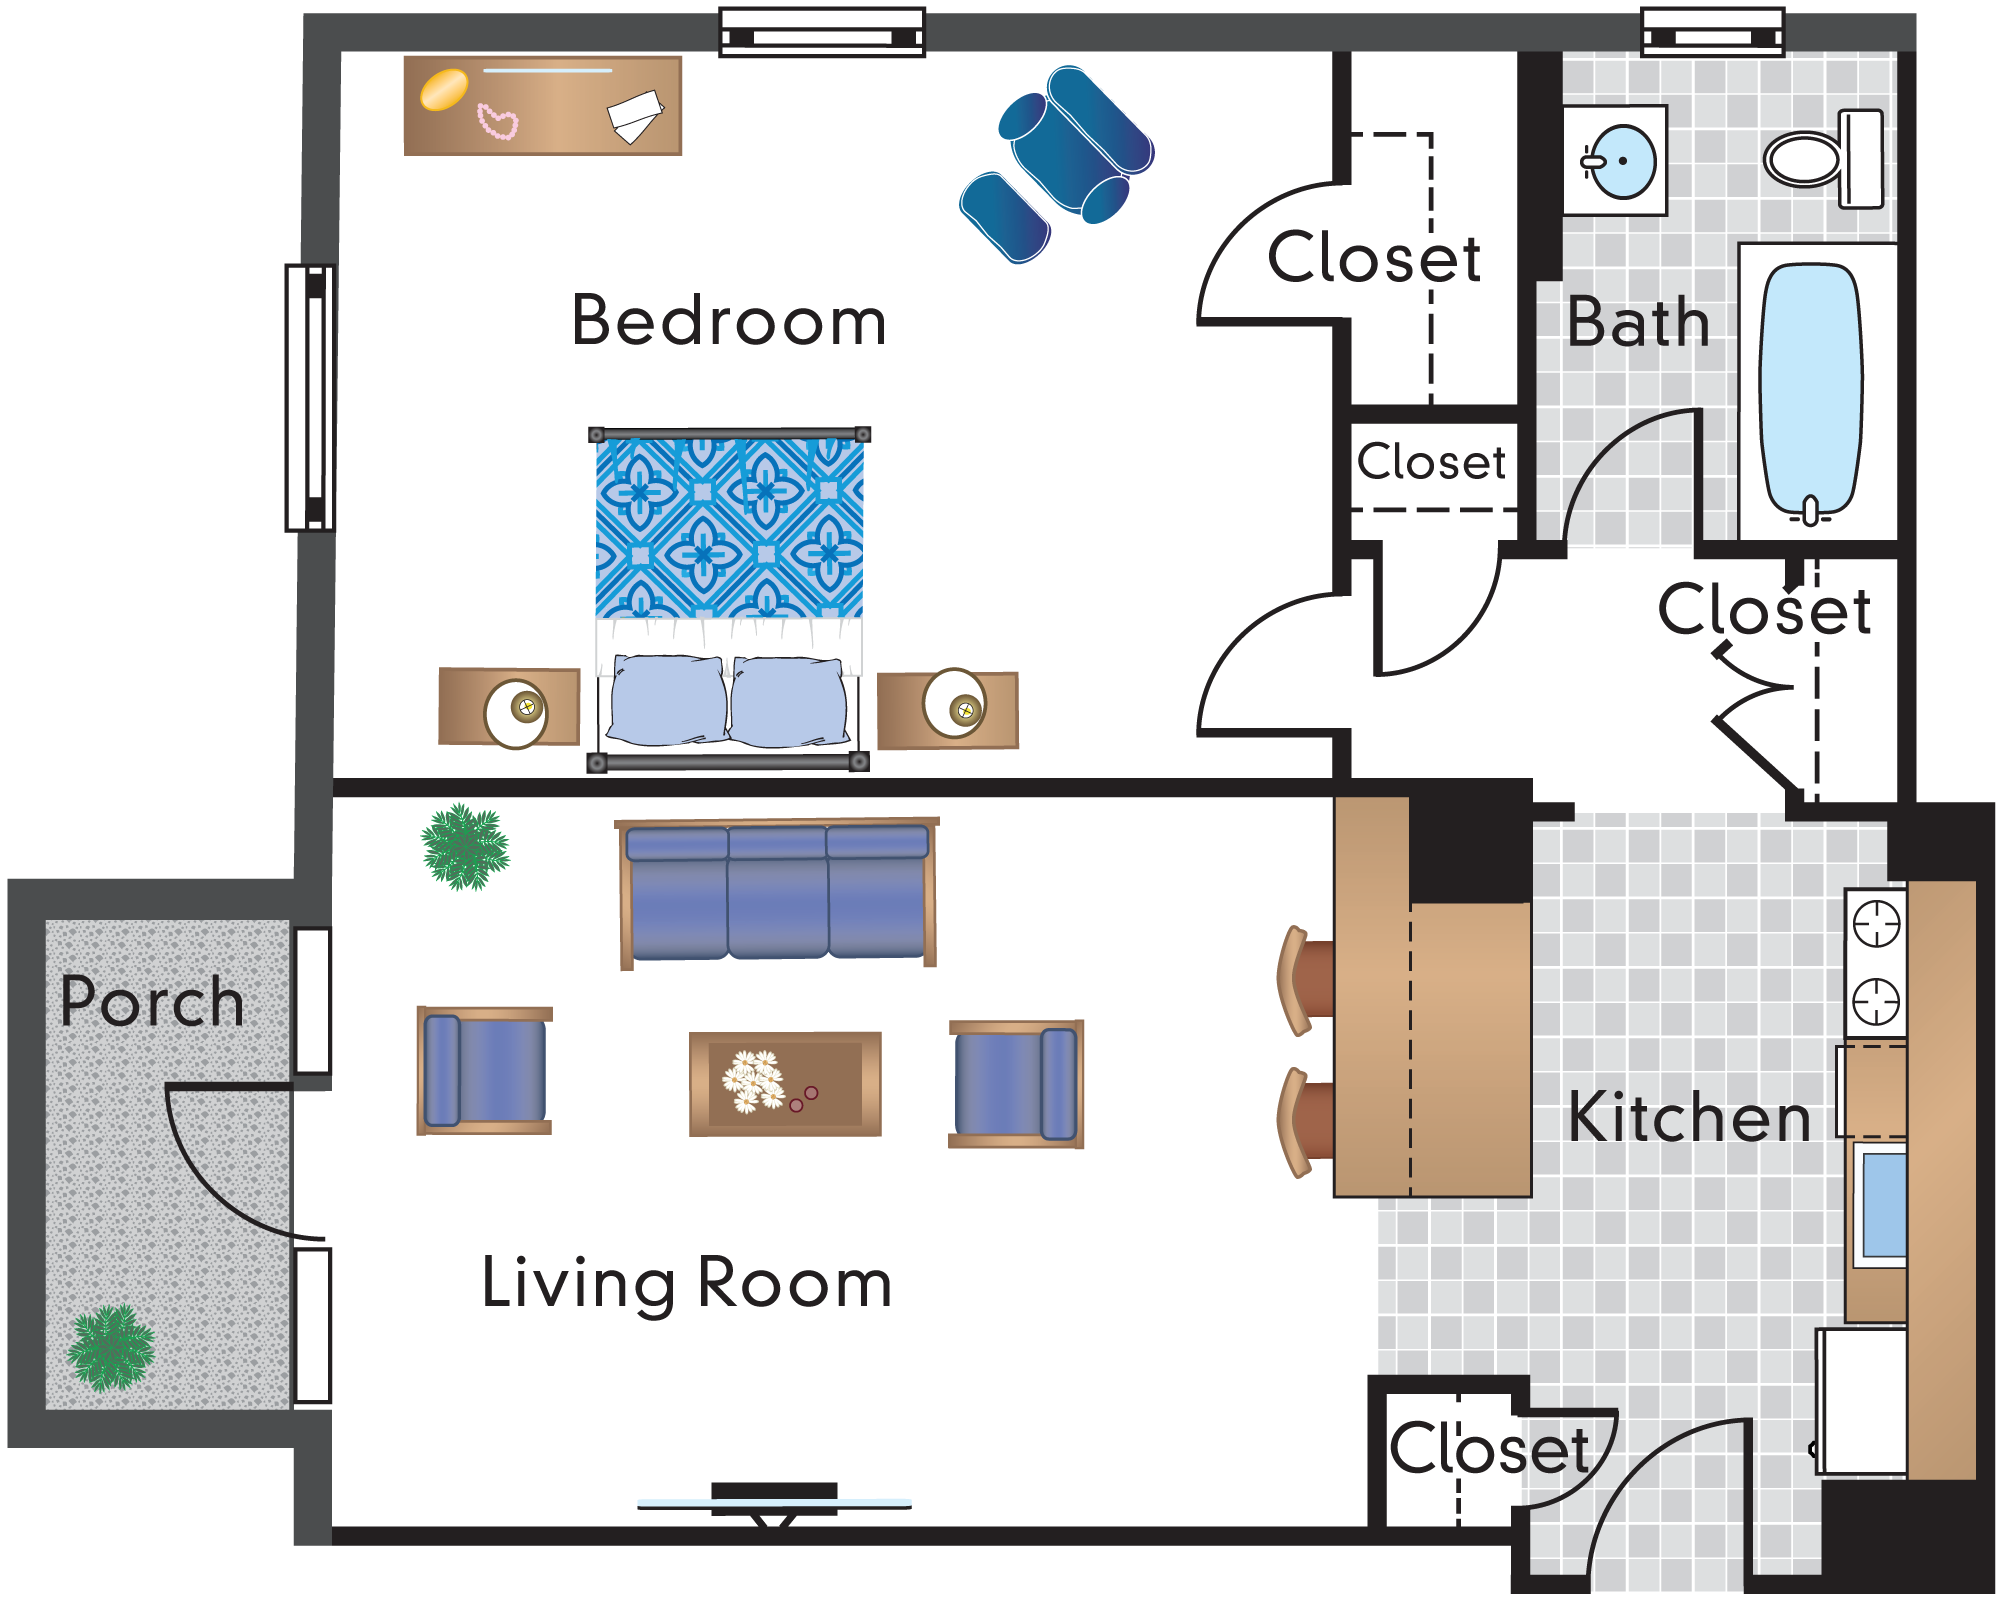 1 Bedroom 1 Bath Tier 03A